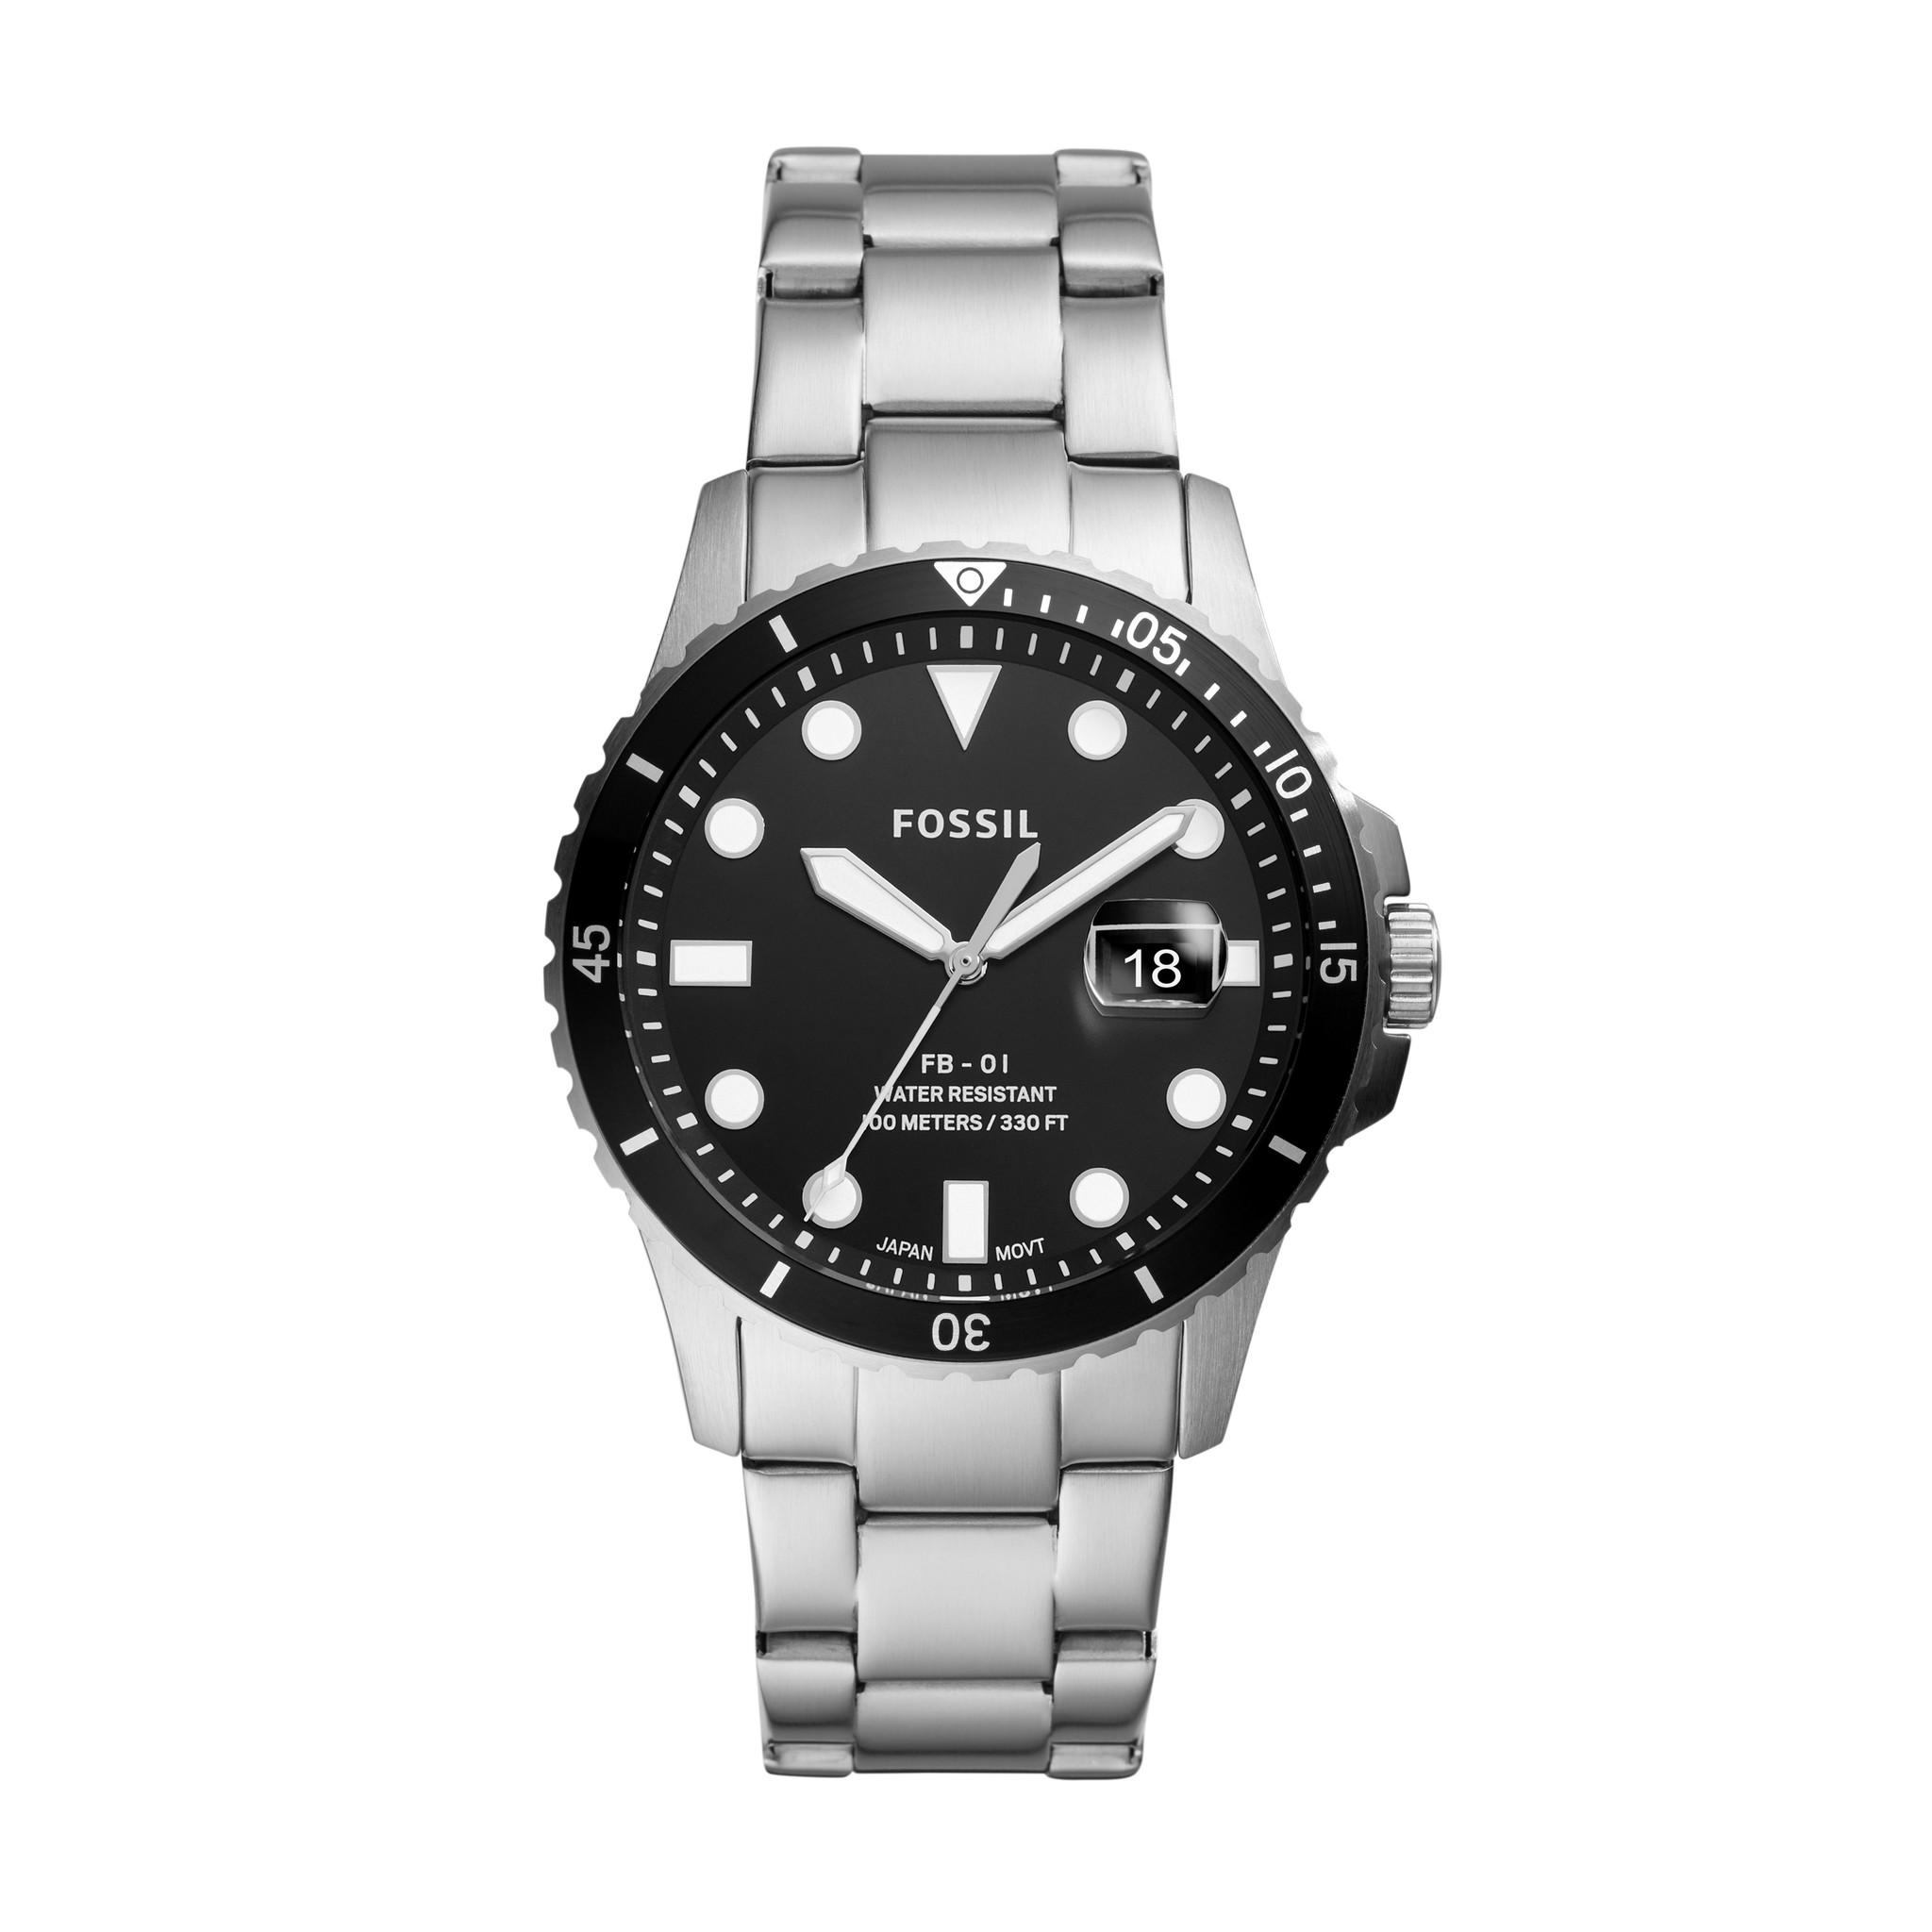 Fb - 01 Men's Watch FS5652-4